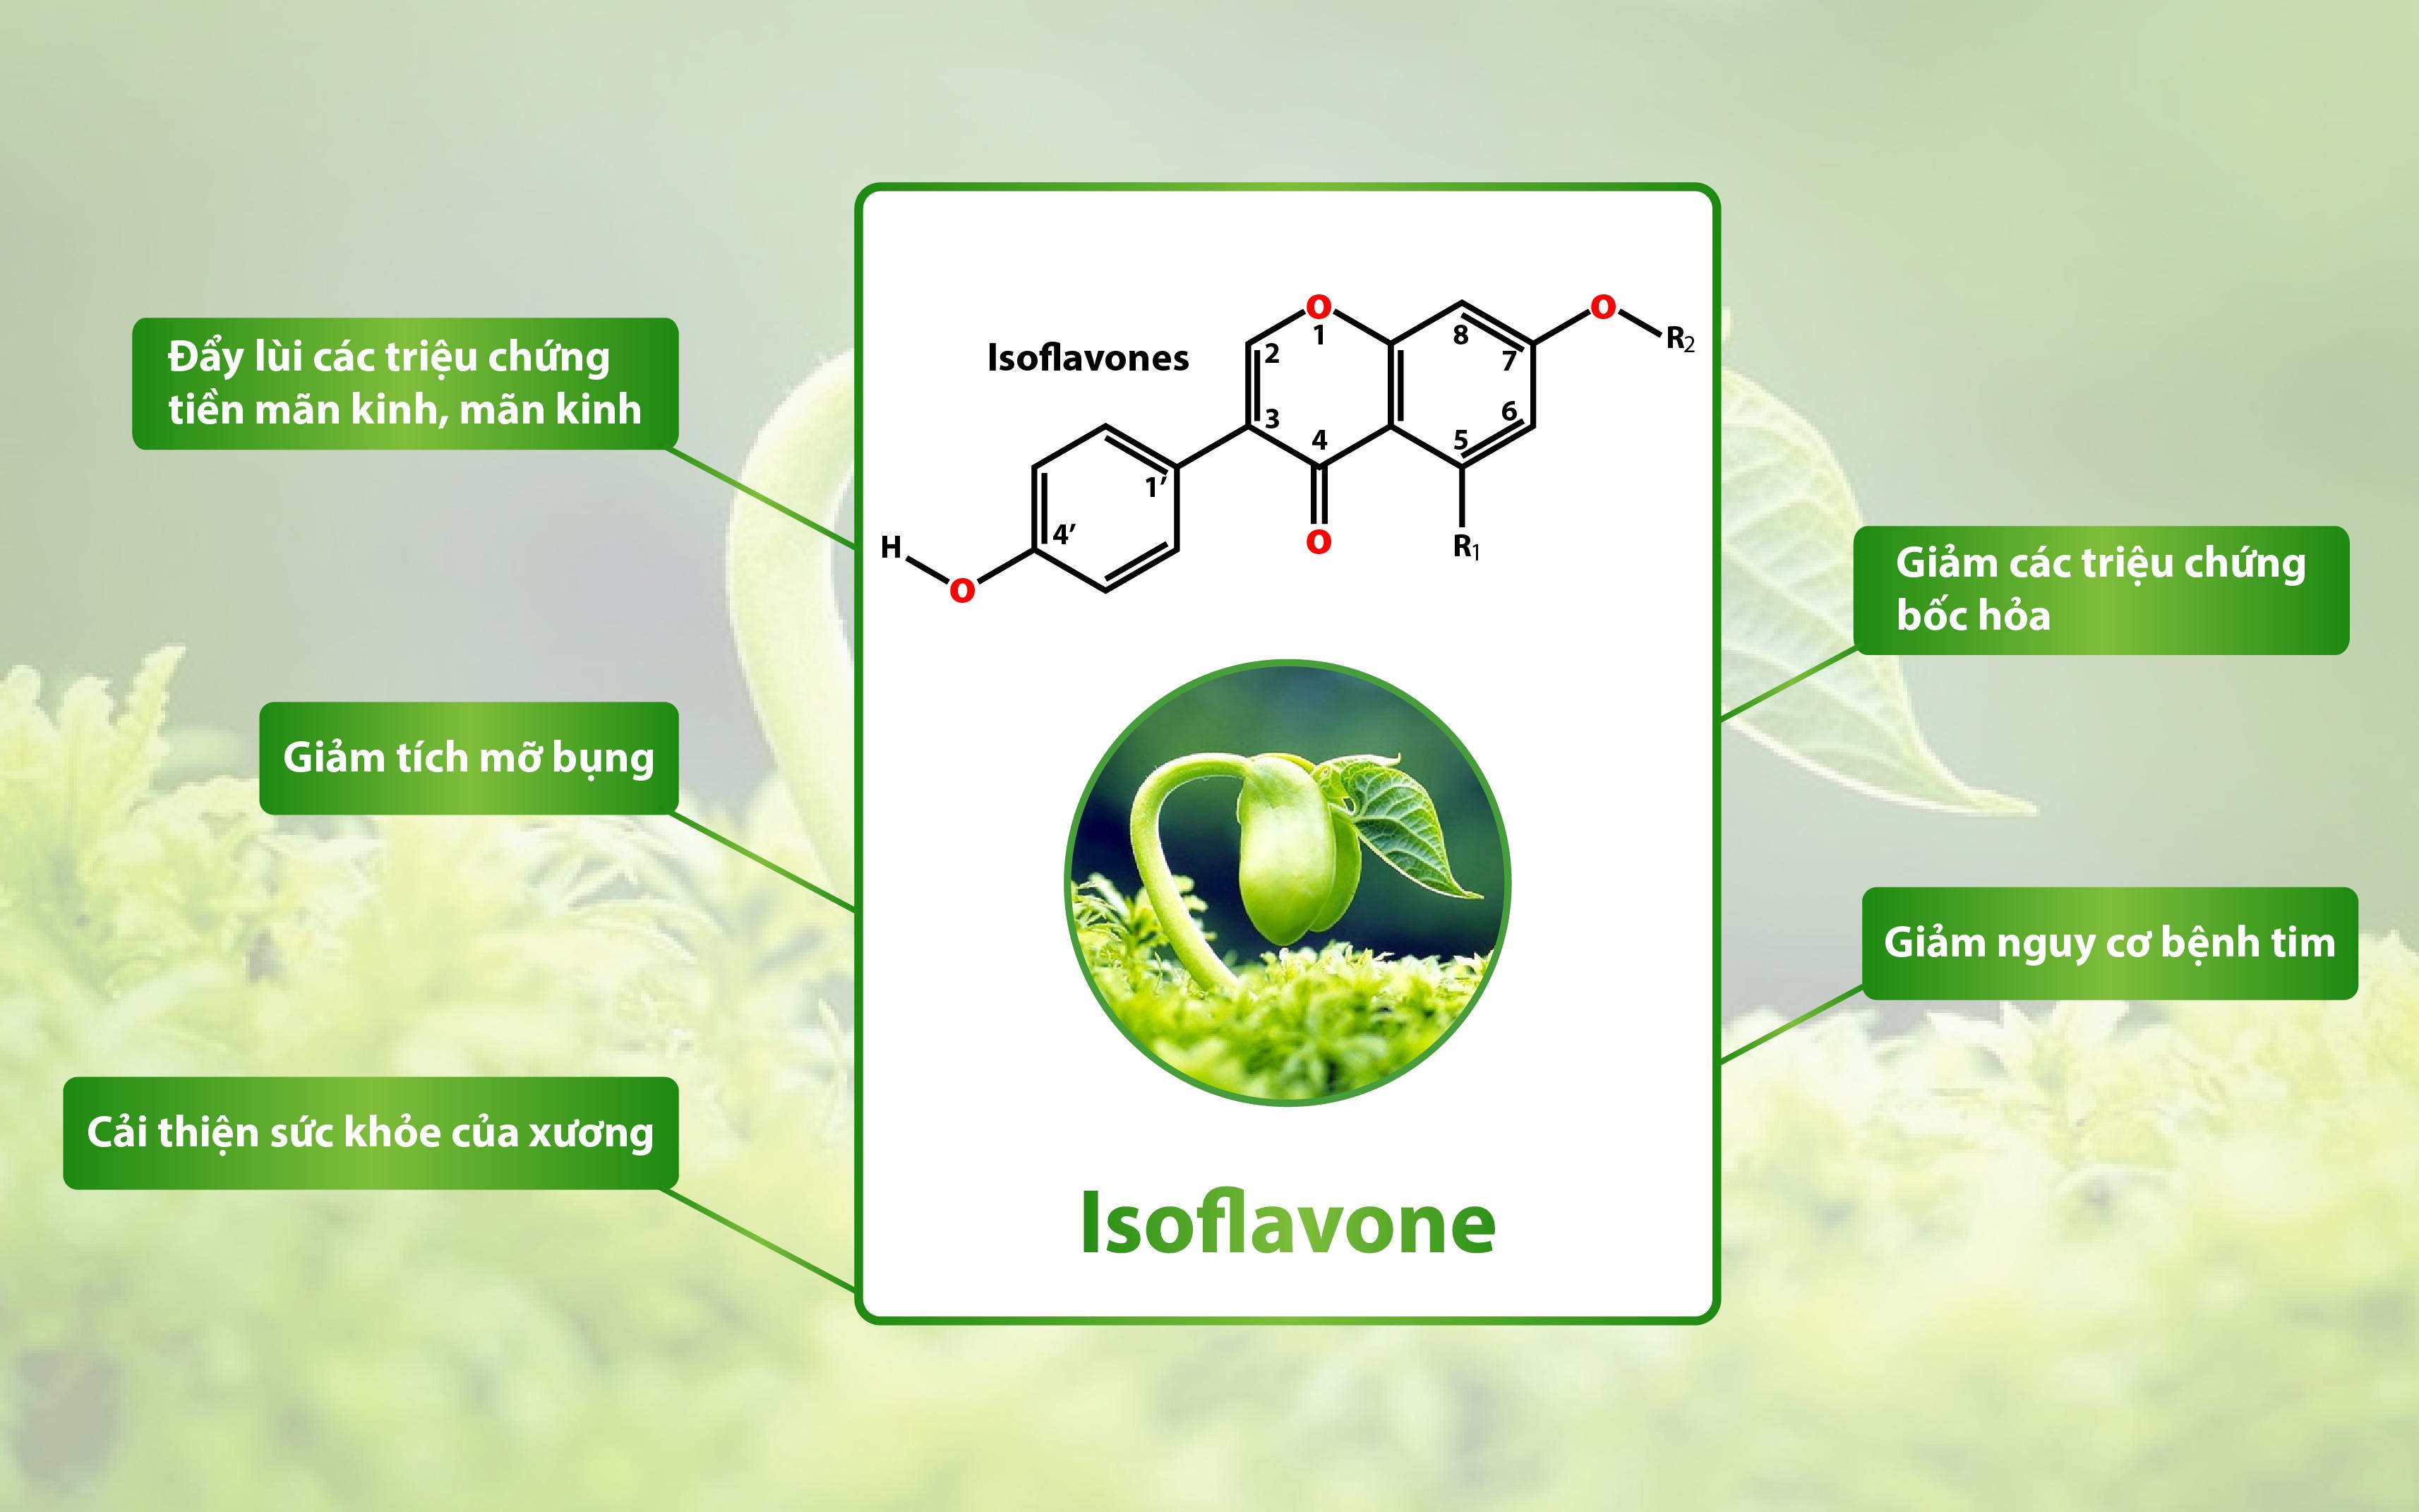 Isoflavones tác dụng như thế nào đến sức khỏe, sắc đẹp và sinh lý nữ?